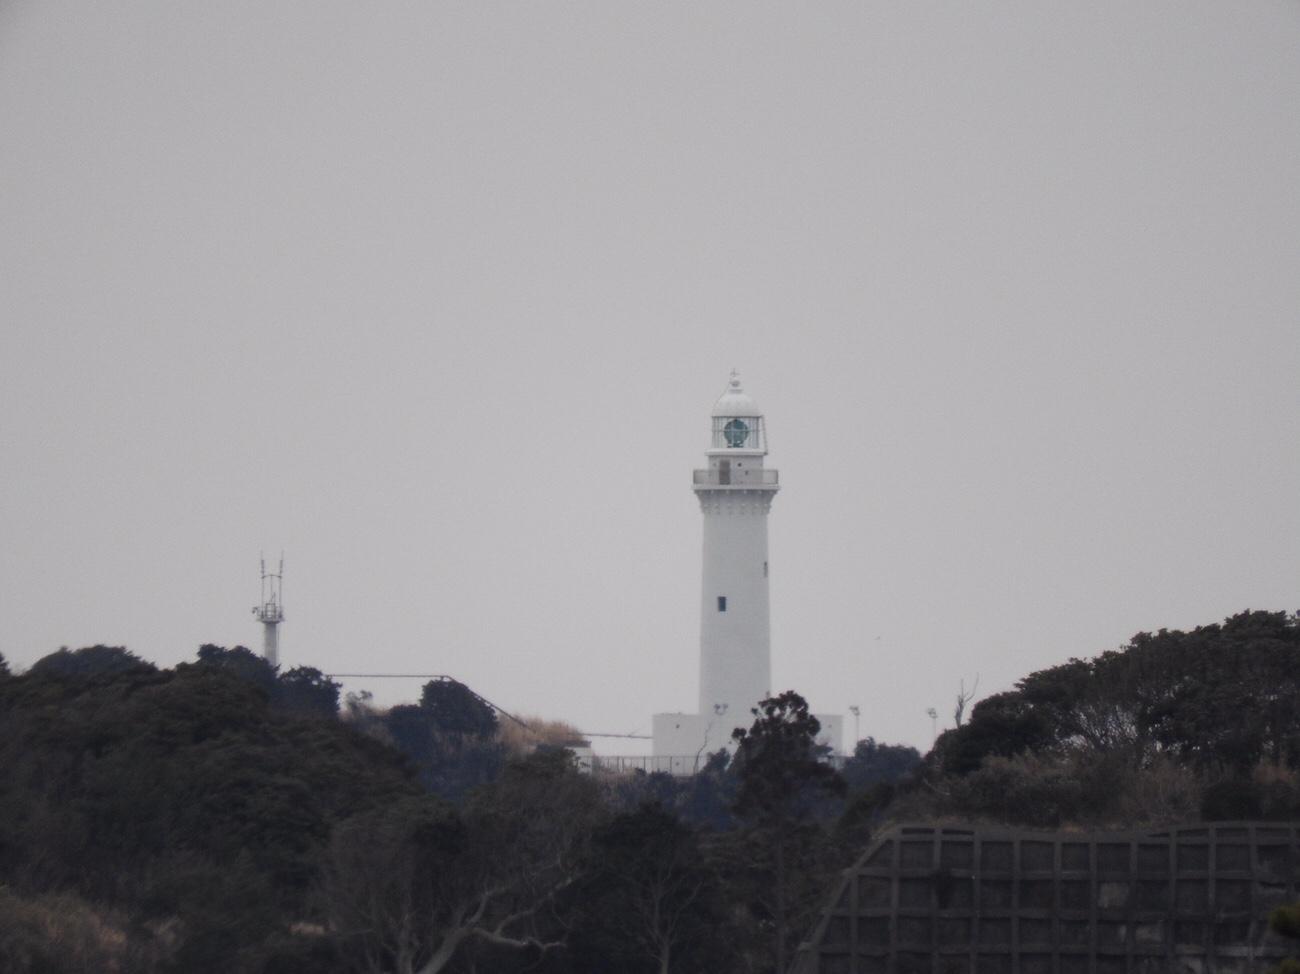 新舞子ハイツからみえた塩谷埼灯台